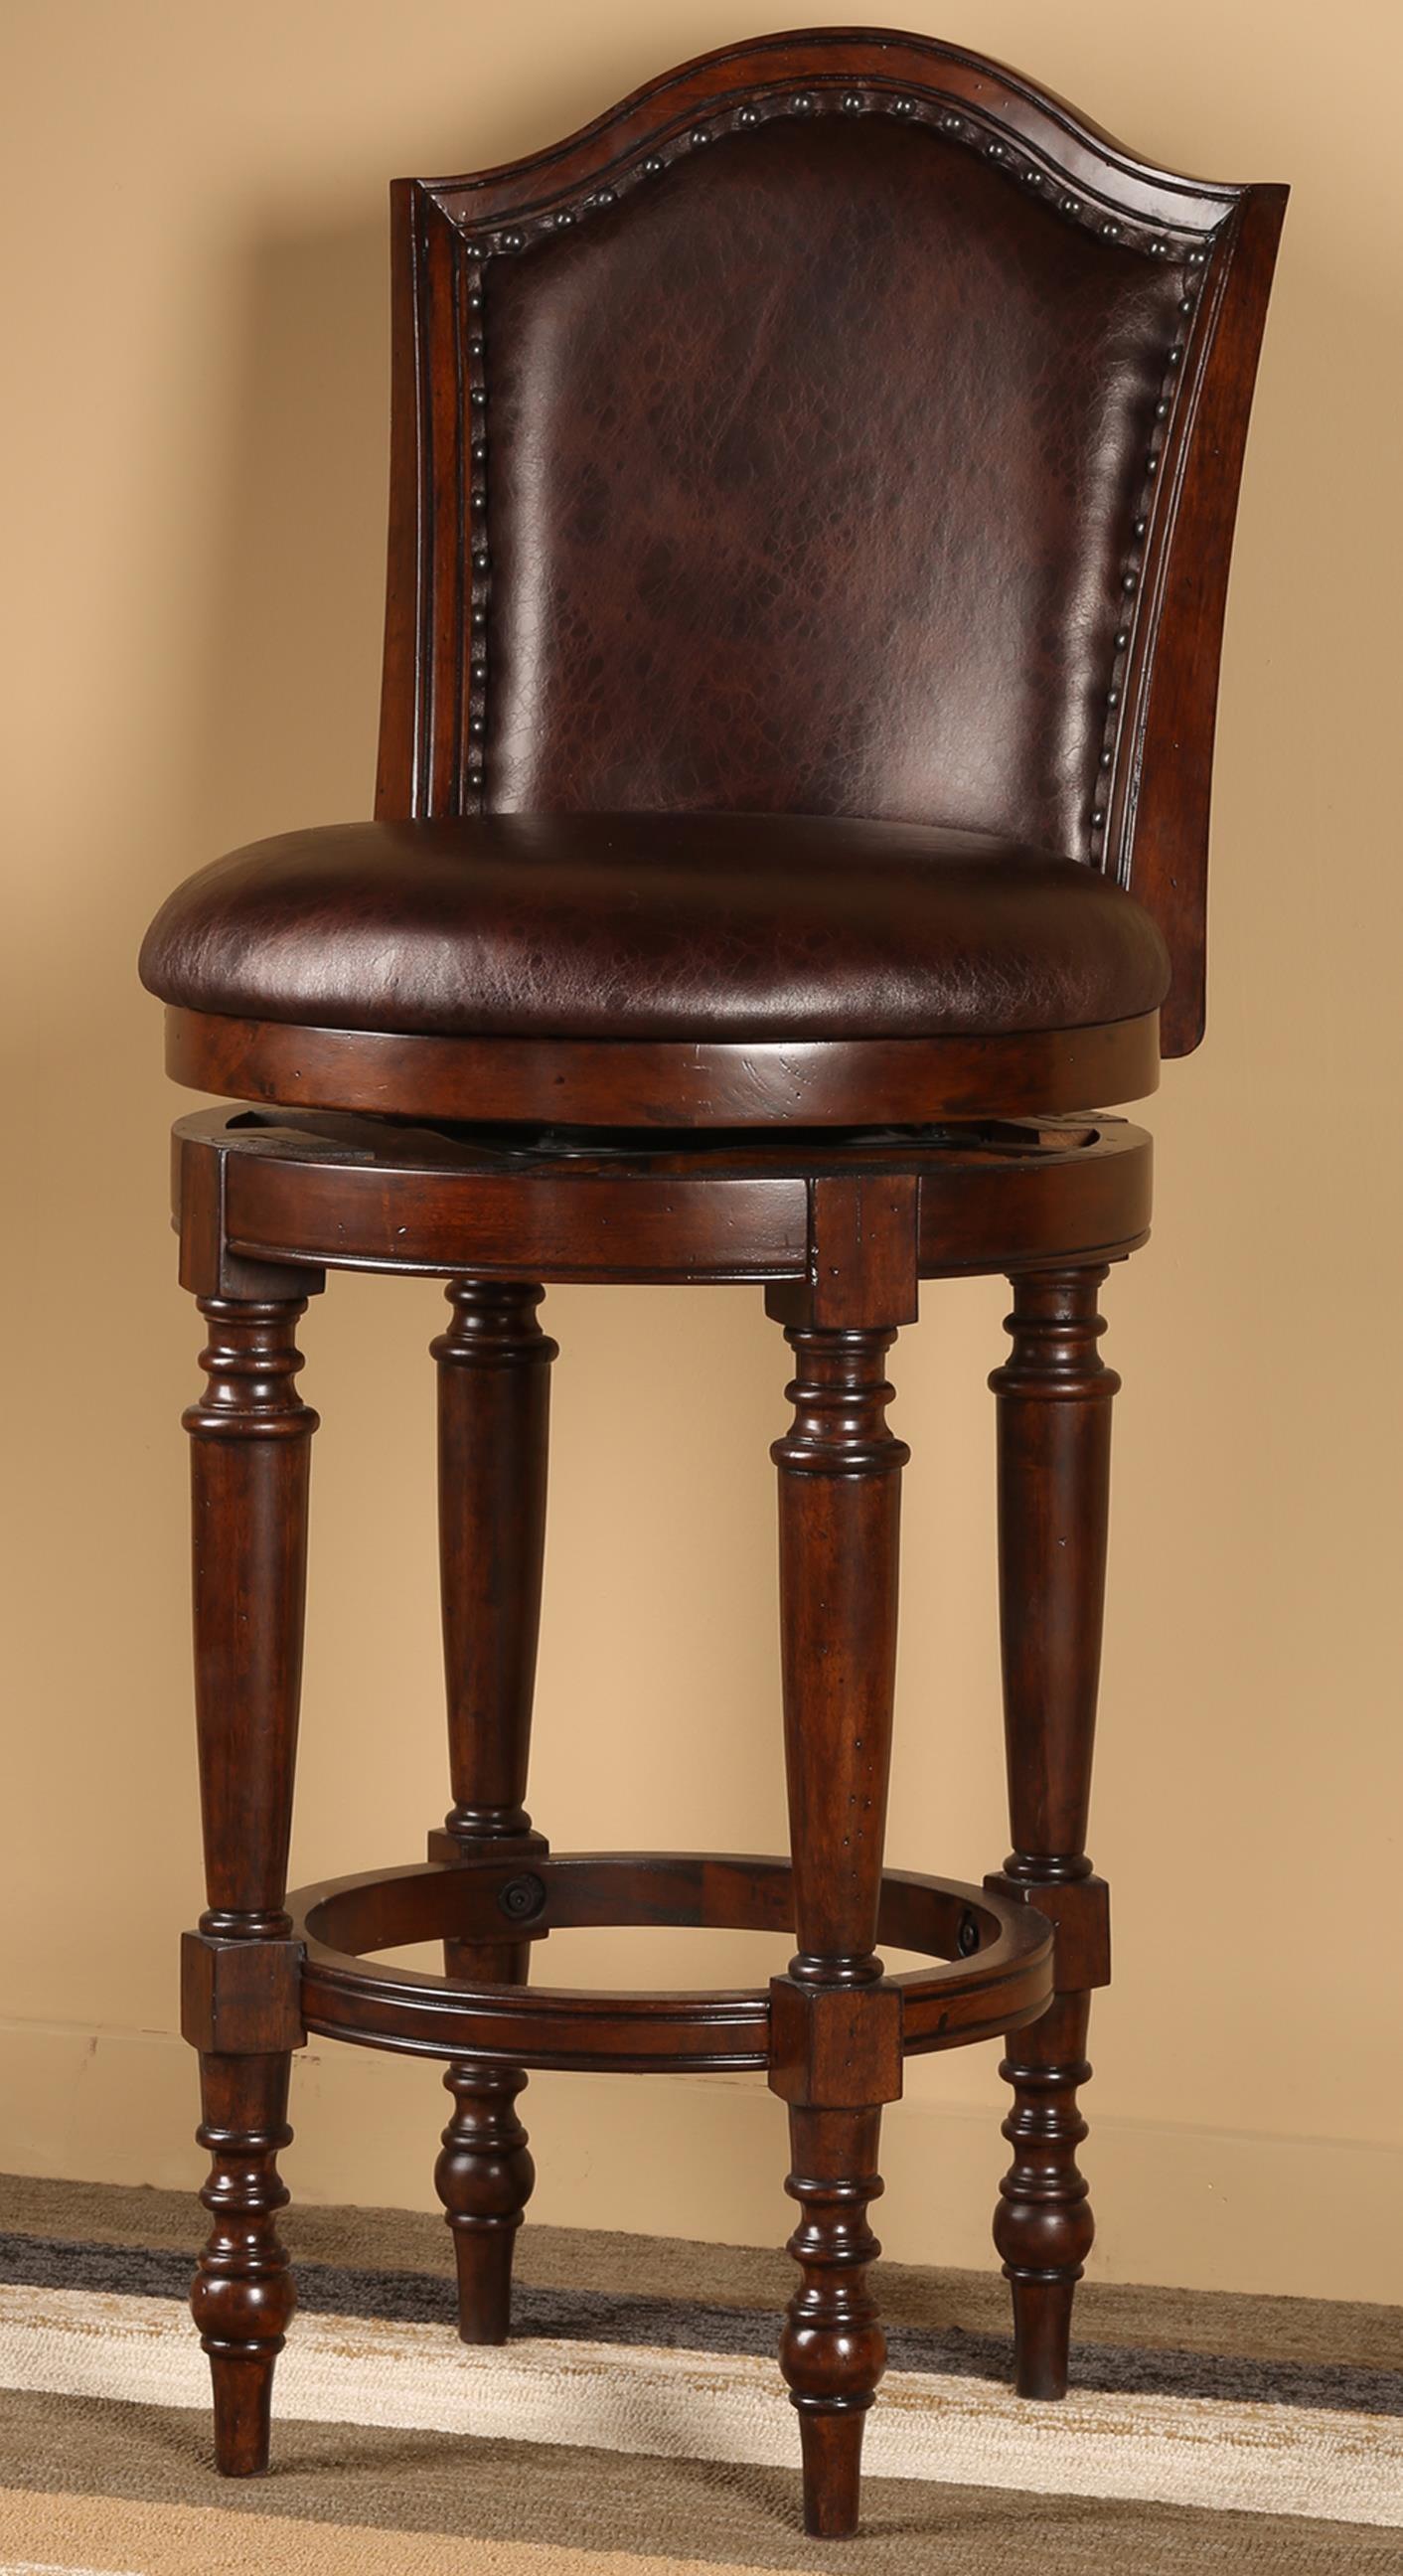 fleur de lis bar stools. Hillsdale Wood StoolsBarcelona Bar Stool Fleur De Lis Stools M